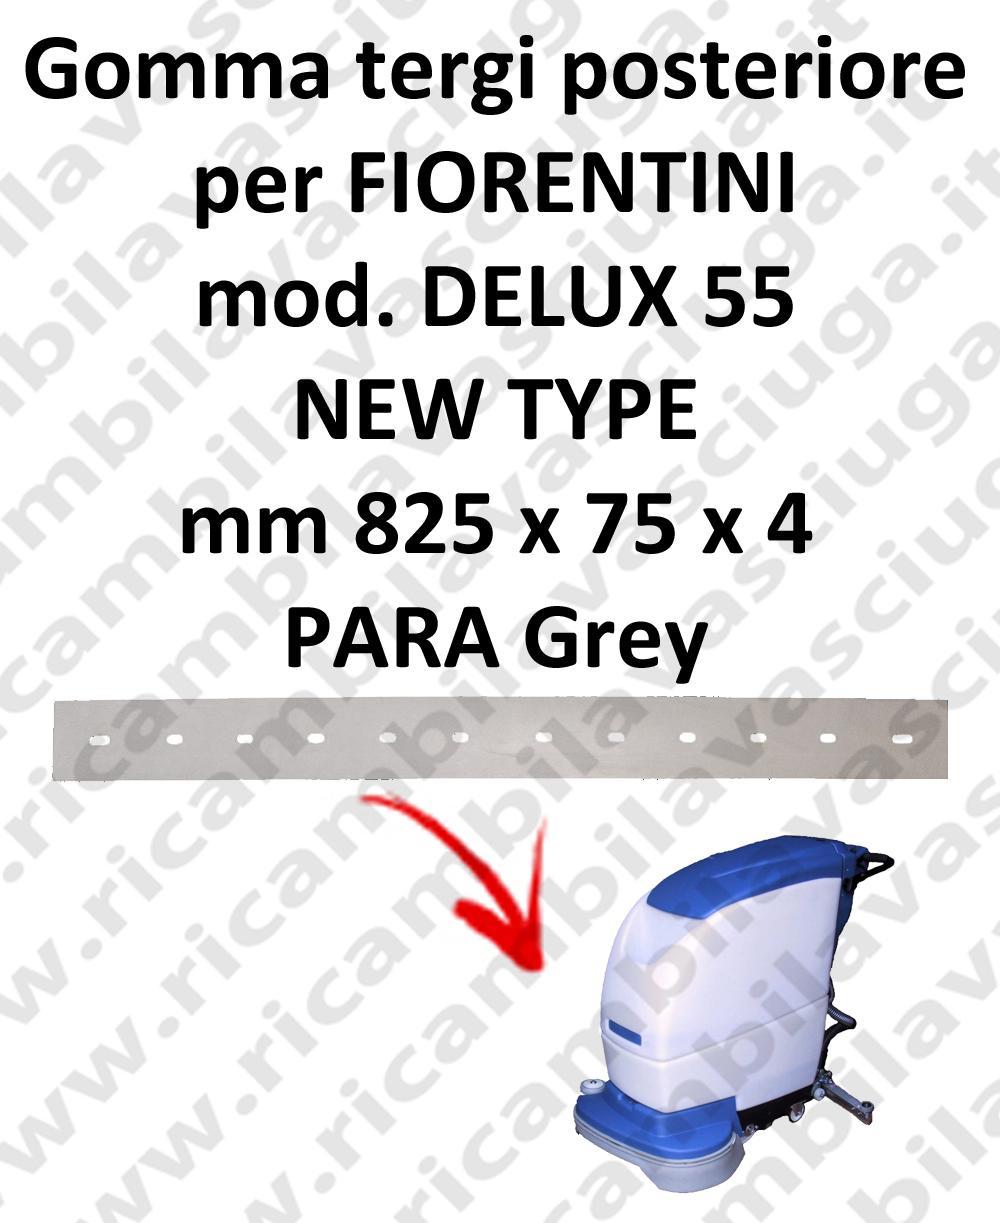 DELUX 55 new type GOMMA TERGI posteriore per tergipavimento FIORENTINI